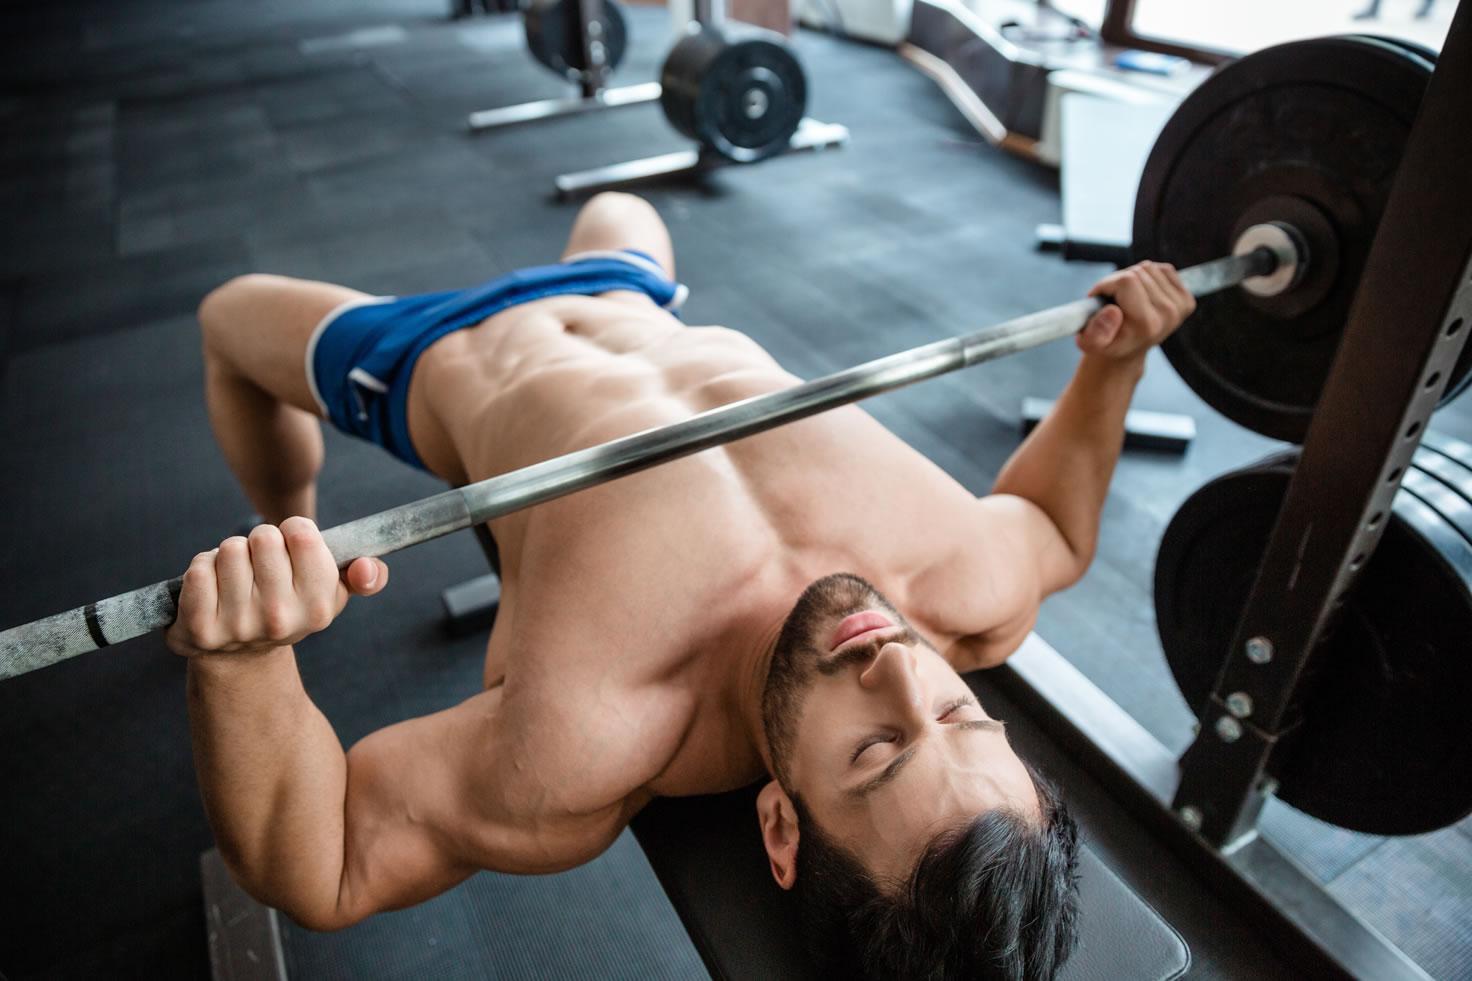 筋トレで効率よく胸筋を鍛えるにはどうすれば良いの?